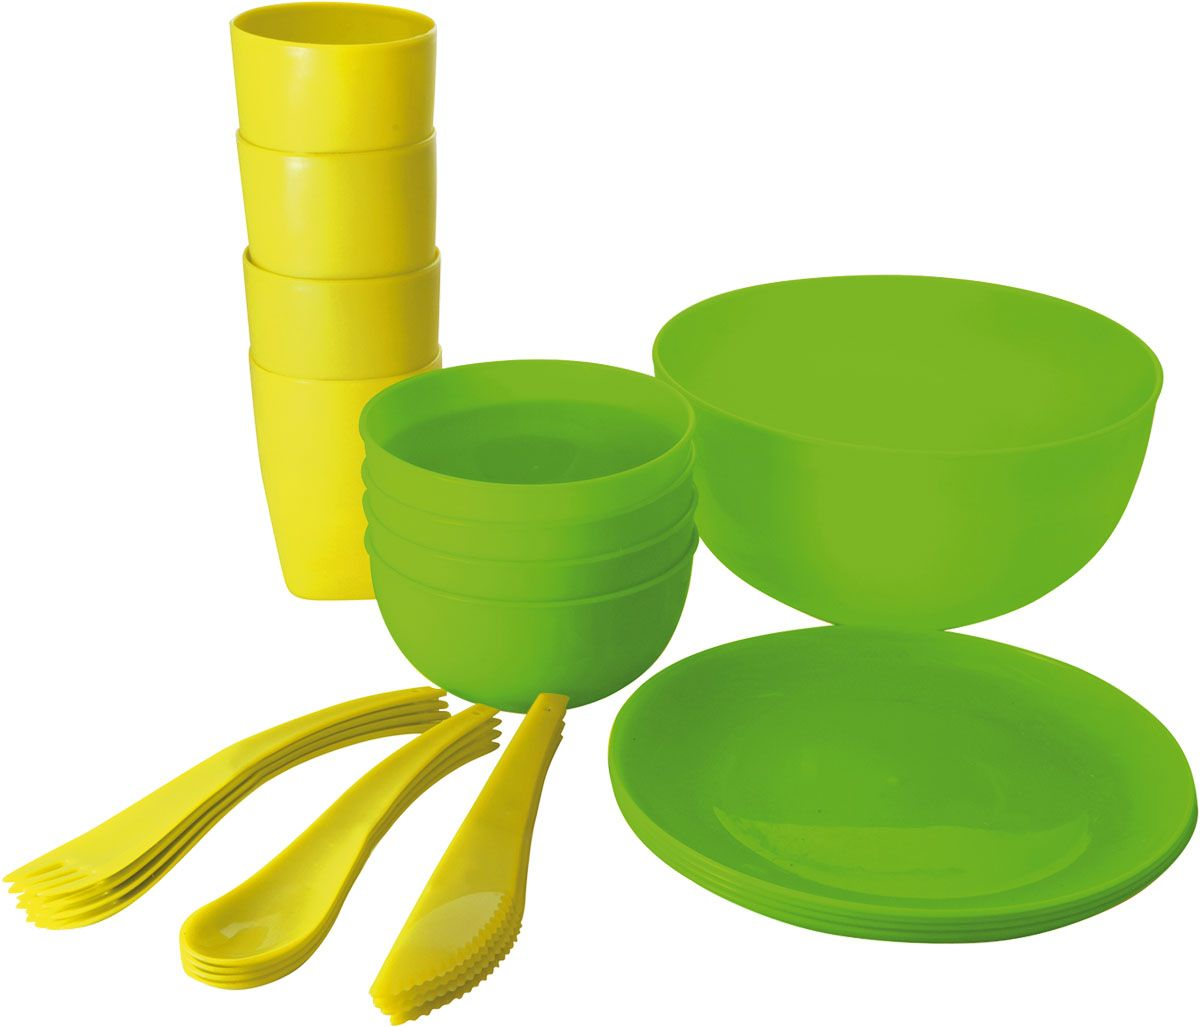 Набор для пикника Plastic Centre, цвет: зеленый, желтый, 25 предметовПЦ1843МИКСНабор для пикника Plastic Centre - это все, что нужно для организации загородной поездки. Легкую посуду удобно взять с собой. Яркие цвета и привлекательный дизайн создадут уютную атмосферу и дополнят радостные моменты на природе. Прочный пластик подходит для многократного использования.В набор входят: глубокая миска, 4 стакана, 4 маленьких миски, 4 тарелки, 4 ложки, 4 вилки, 4 ножа.